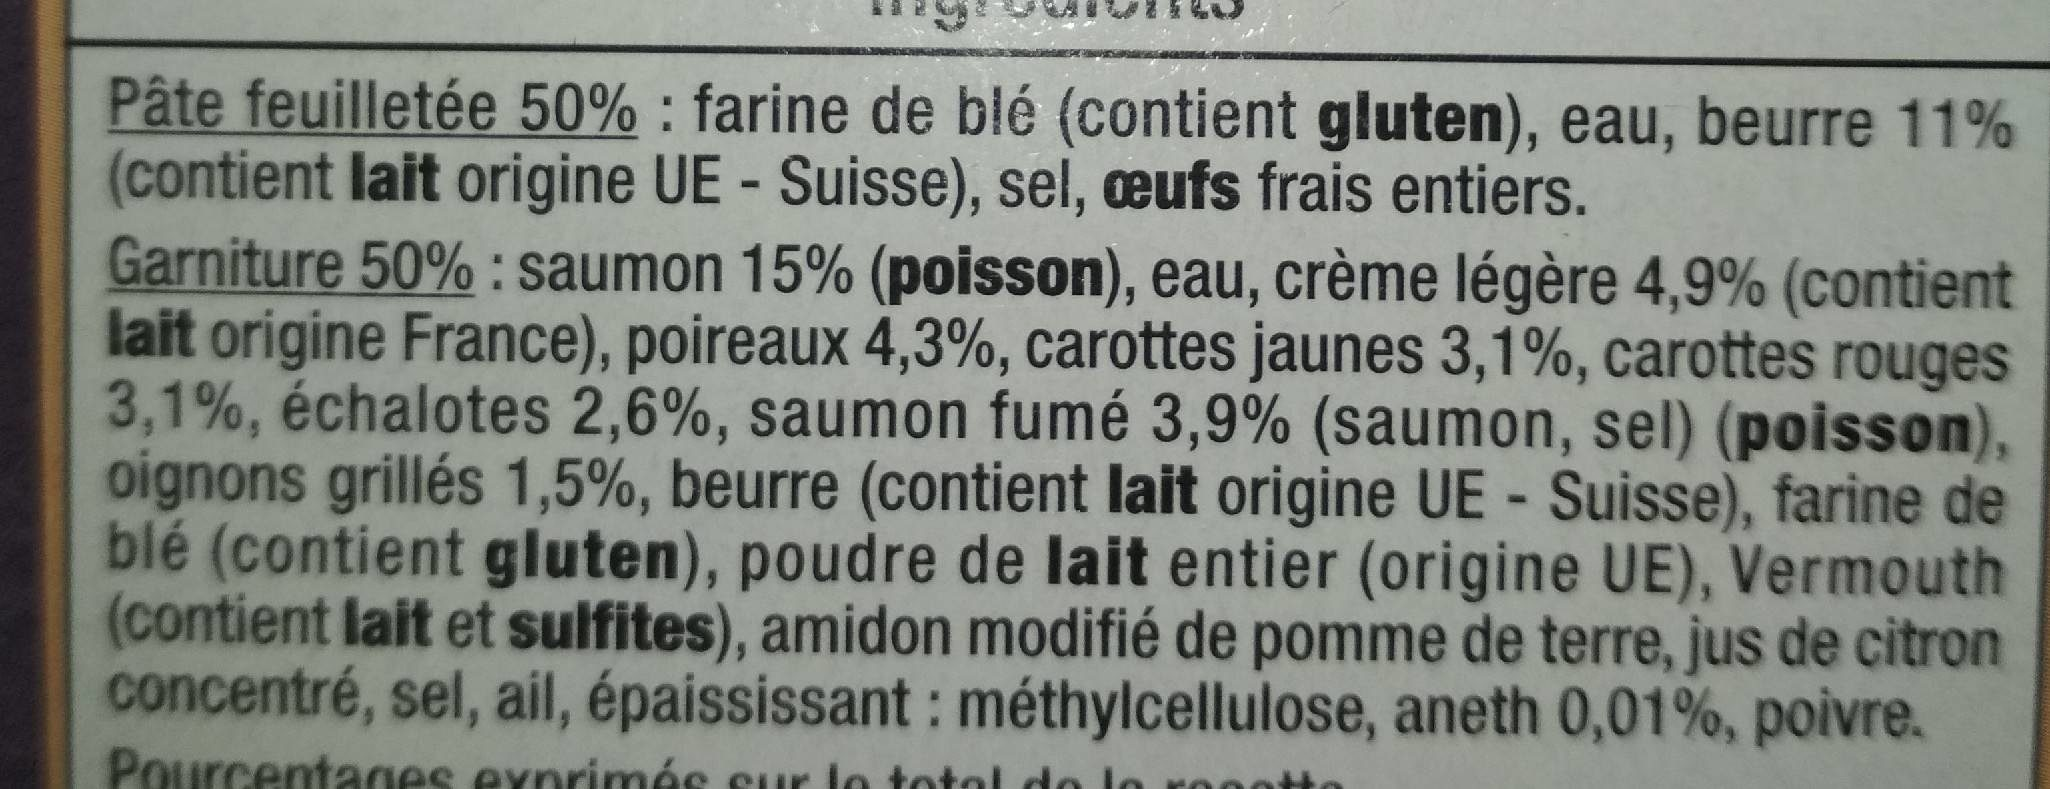 Feuilletés aux 2 Saumons - Ingredients